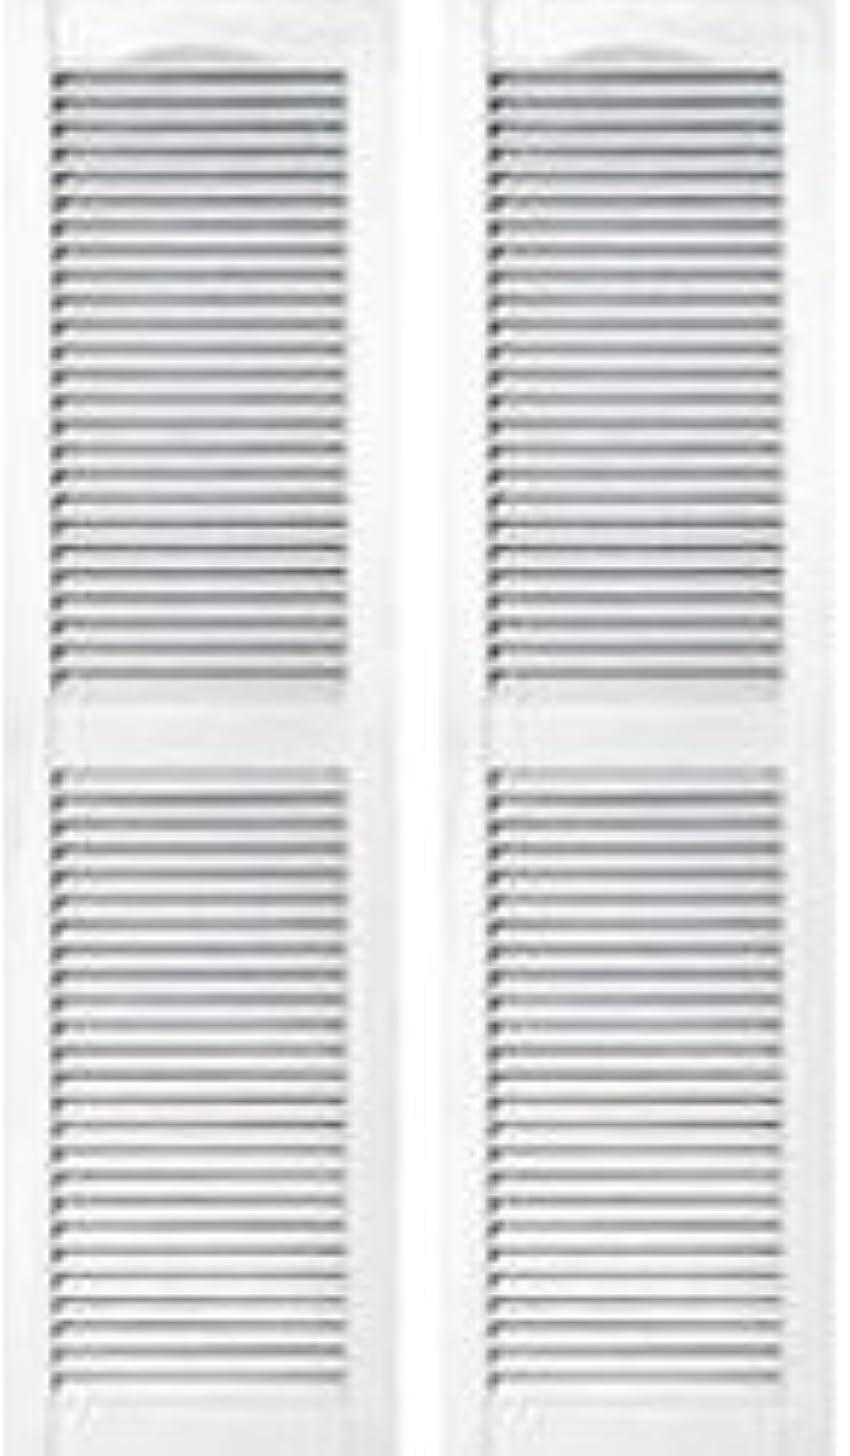 飲み込む馬鹿げた小川窓飾りシャッター ホワイト 長さ1321mm COL1252 001